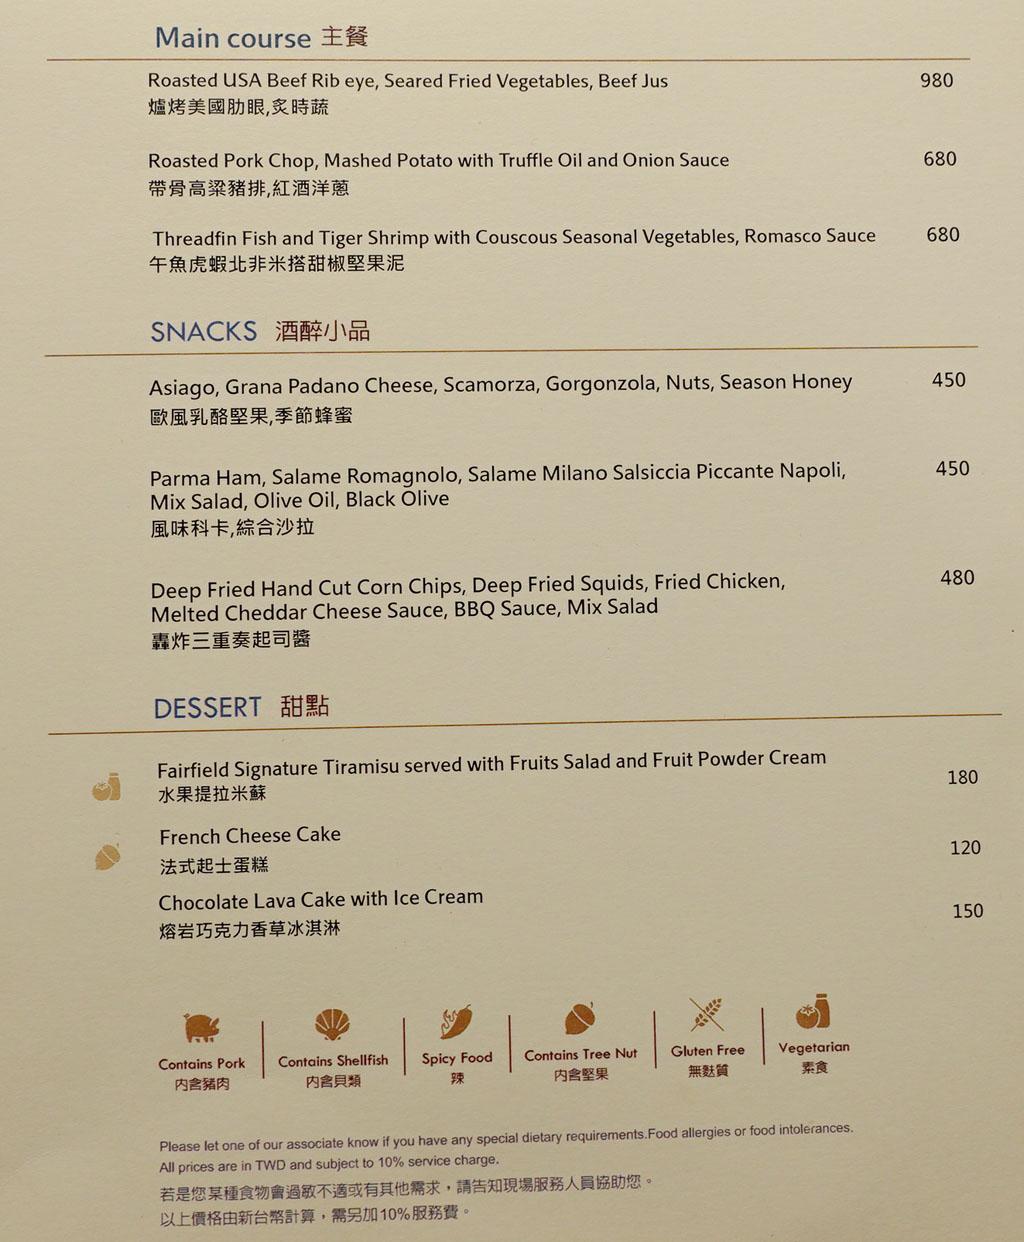 楓橋餐廳 |台中萬楓酒店,萬豪集團旗下美味的中西式全日餐廳